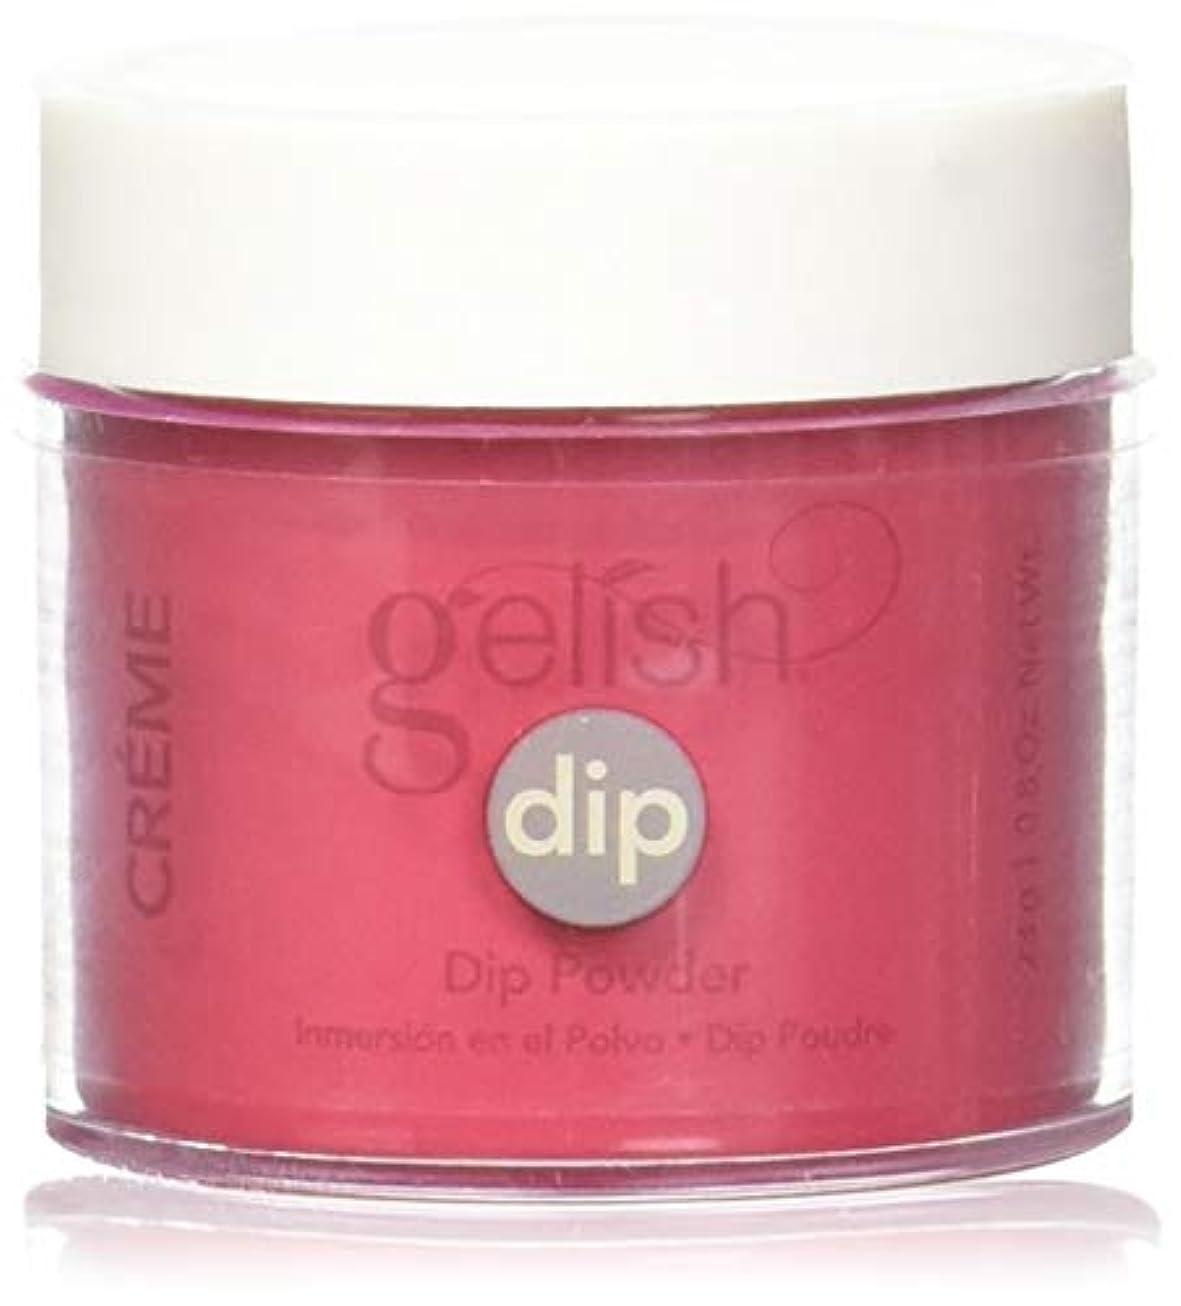 セットするはさみ正当化するHarmony Gelish - Acrylic Dip Powder - Hot Rod Red - 23g / 0.8oz